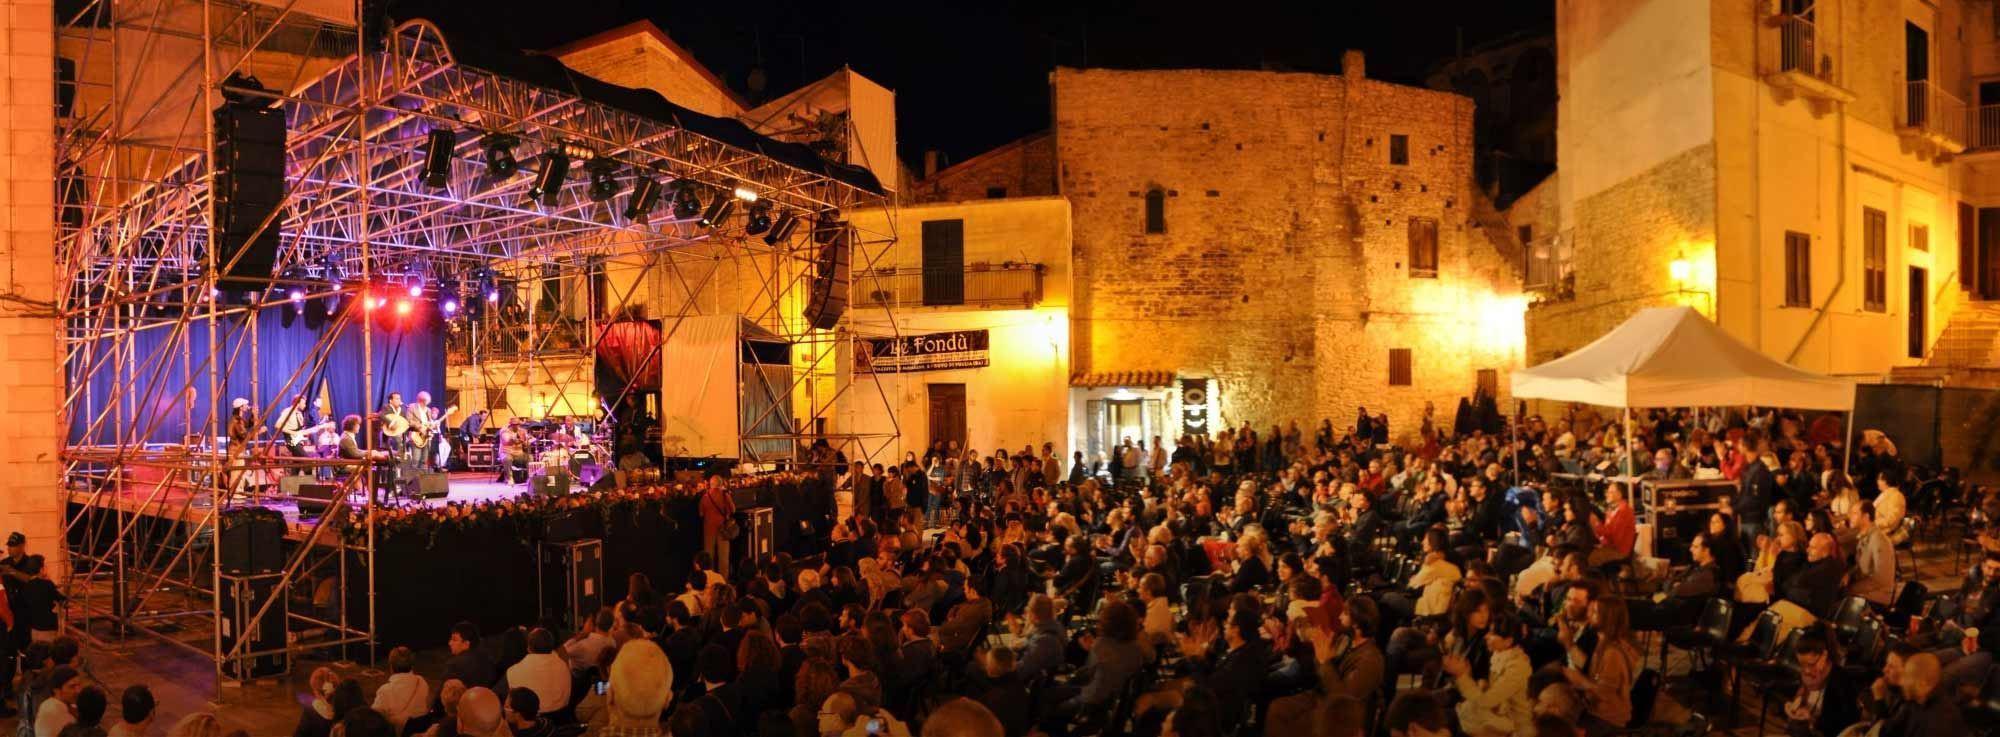 Ruvo di Puglia: Talos Festival 2017